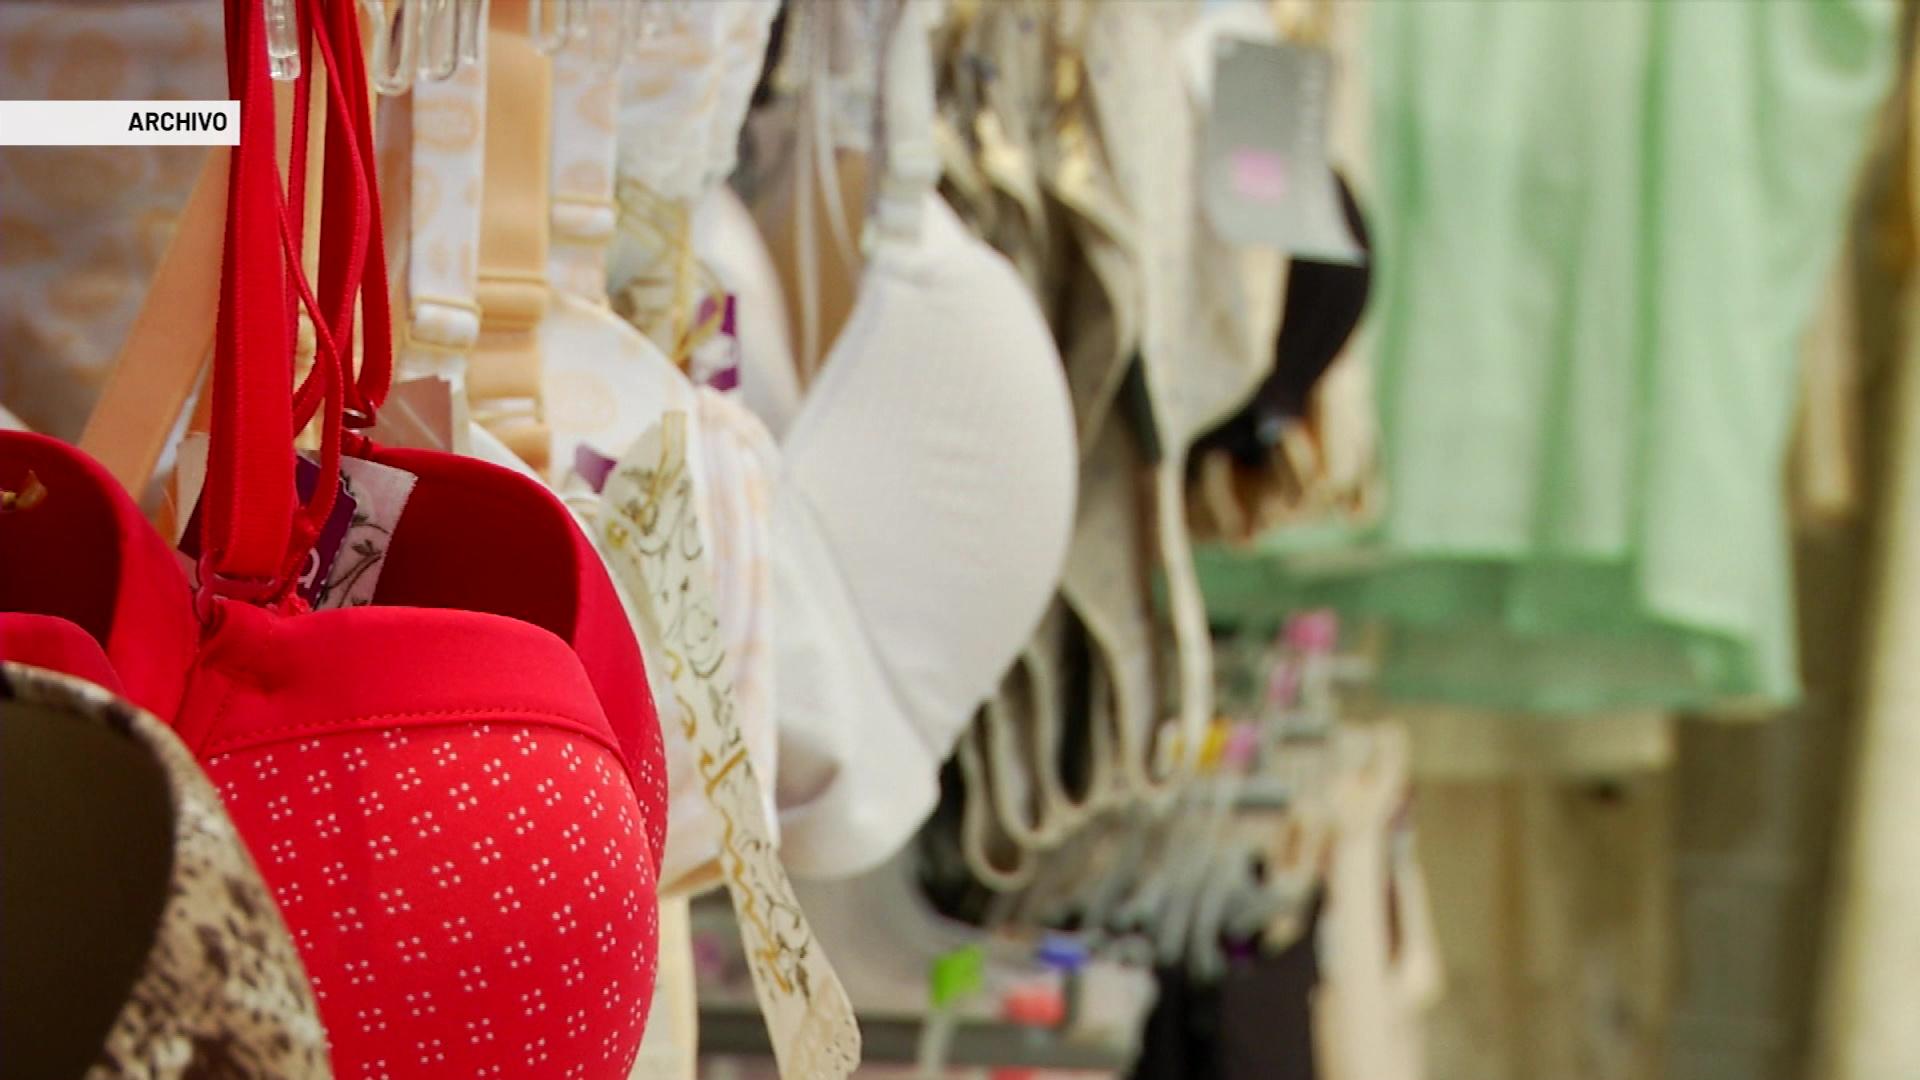 Exportaciones de ropa interior colombiana crecieron 84 %